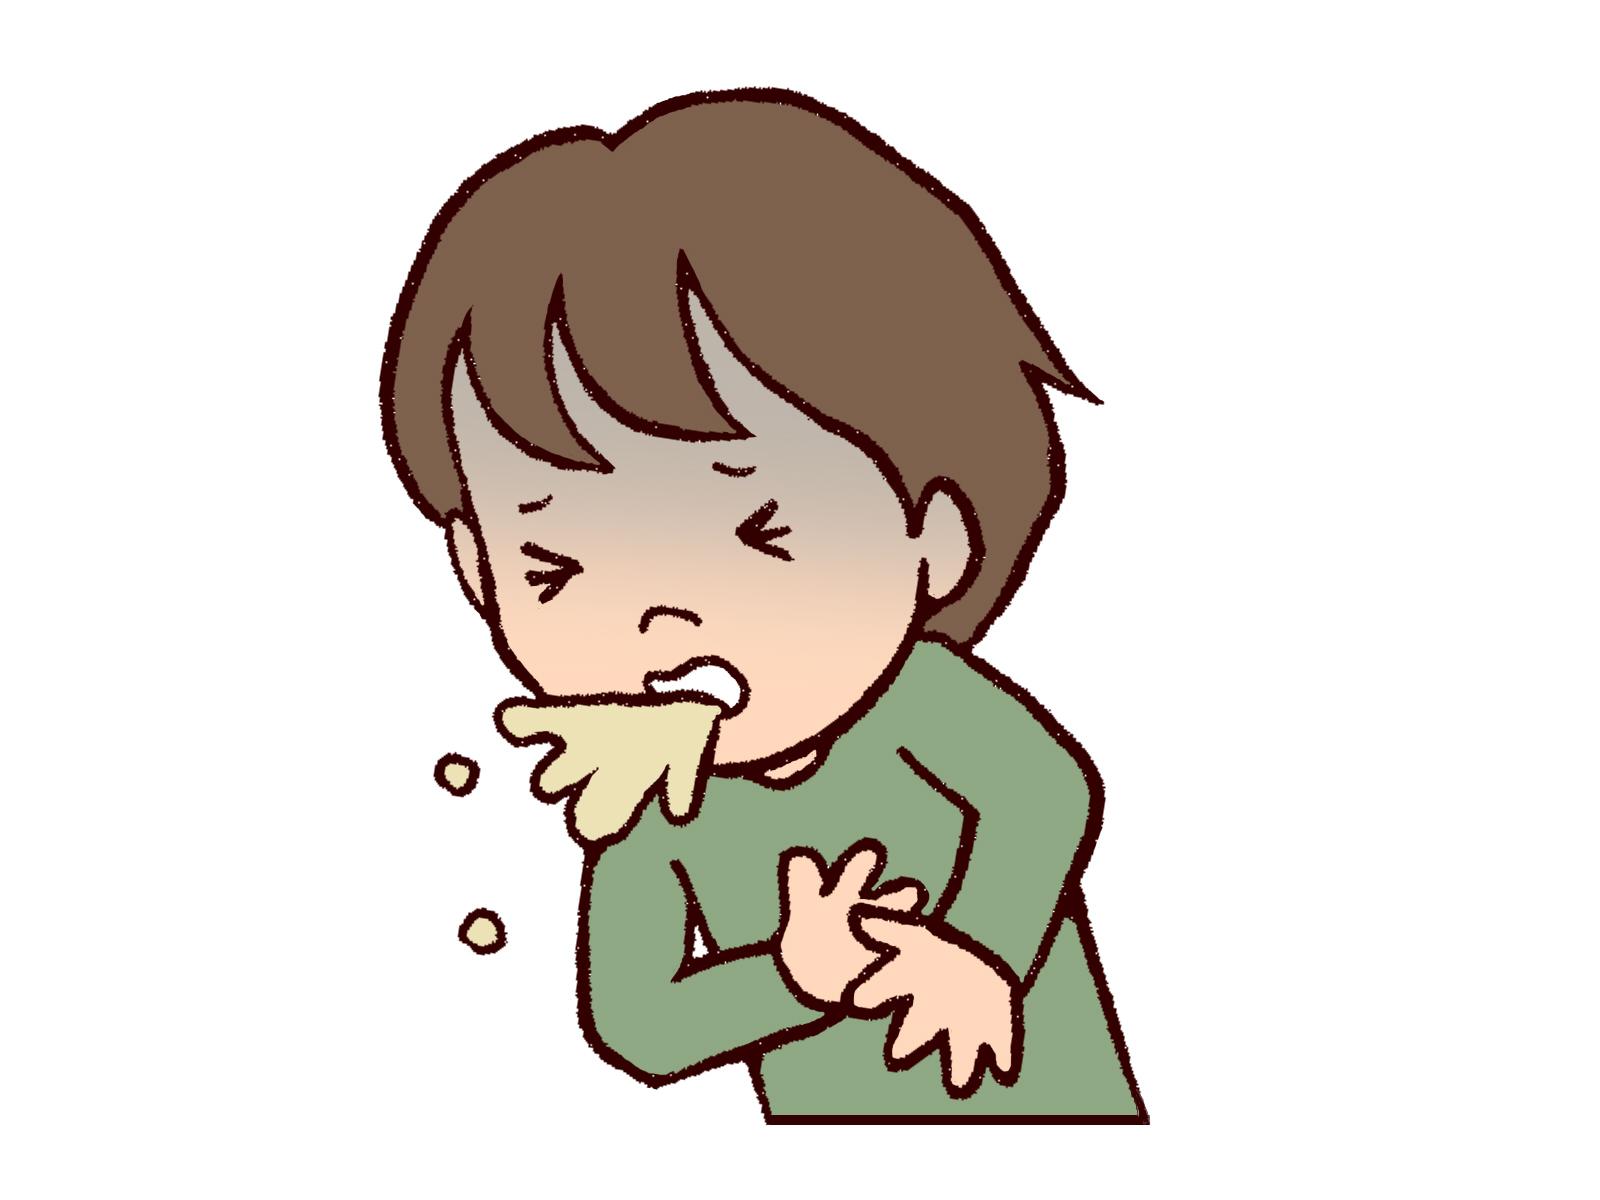 世界的には、ロタウイルス感染により293人に1人が死亡する